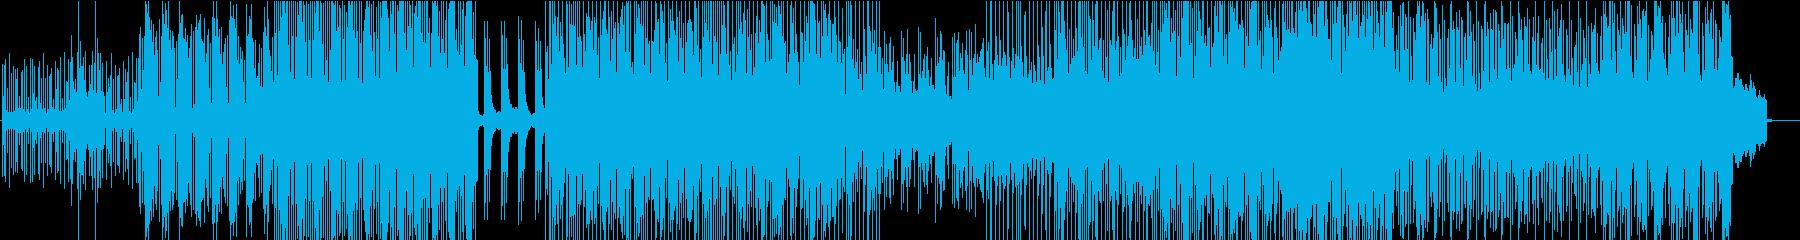 相反した音が混ざったテクノの再生済みの波形